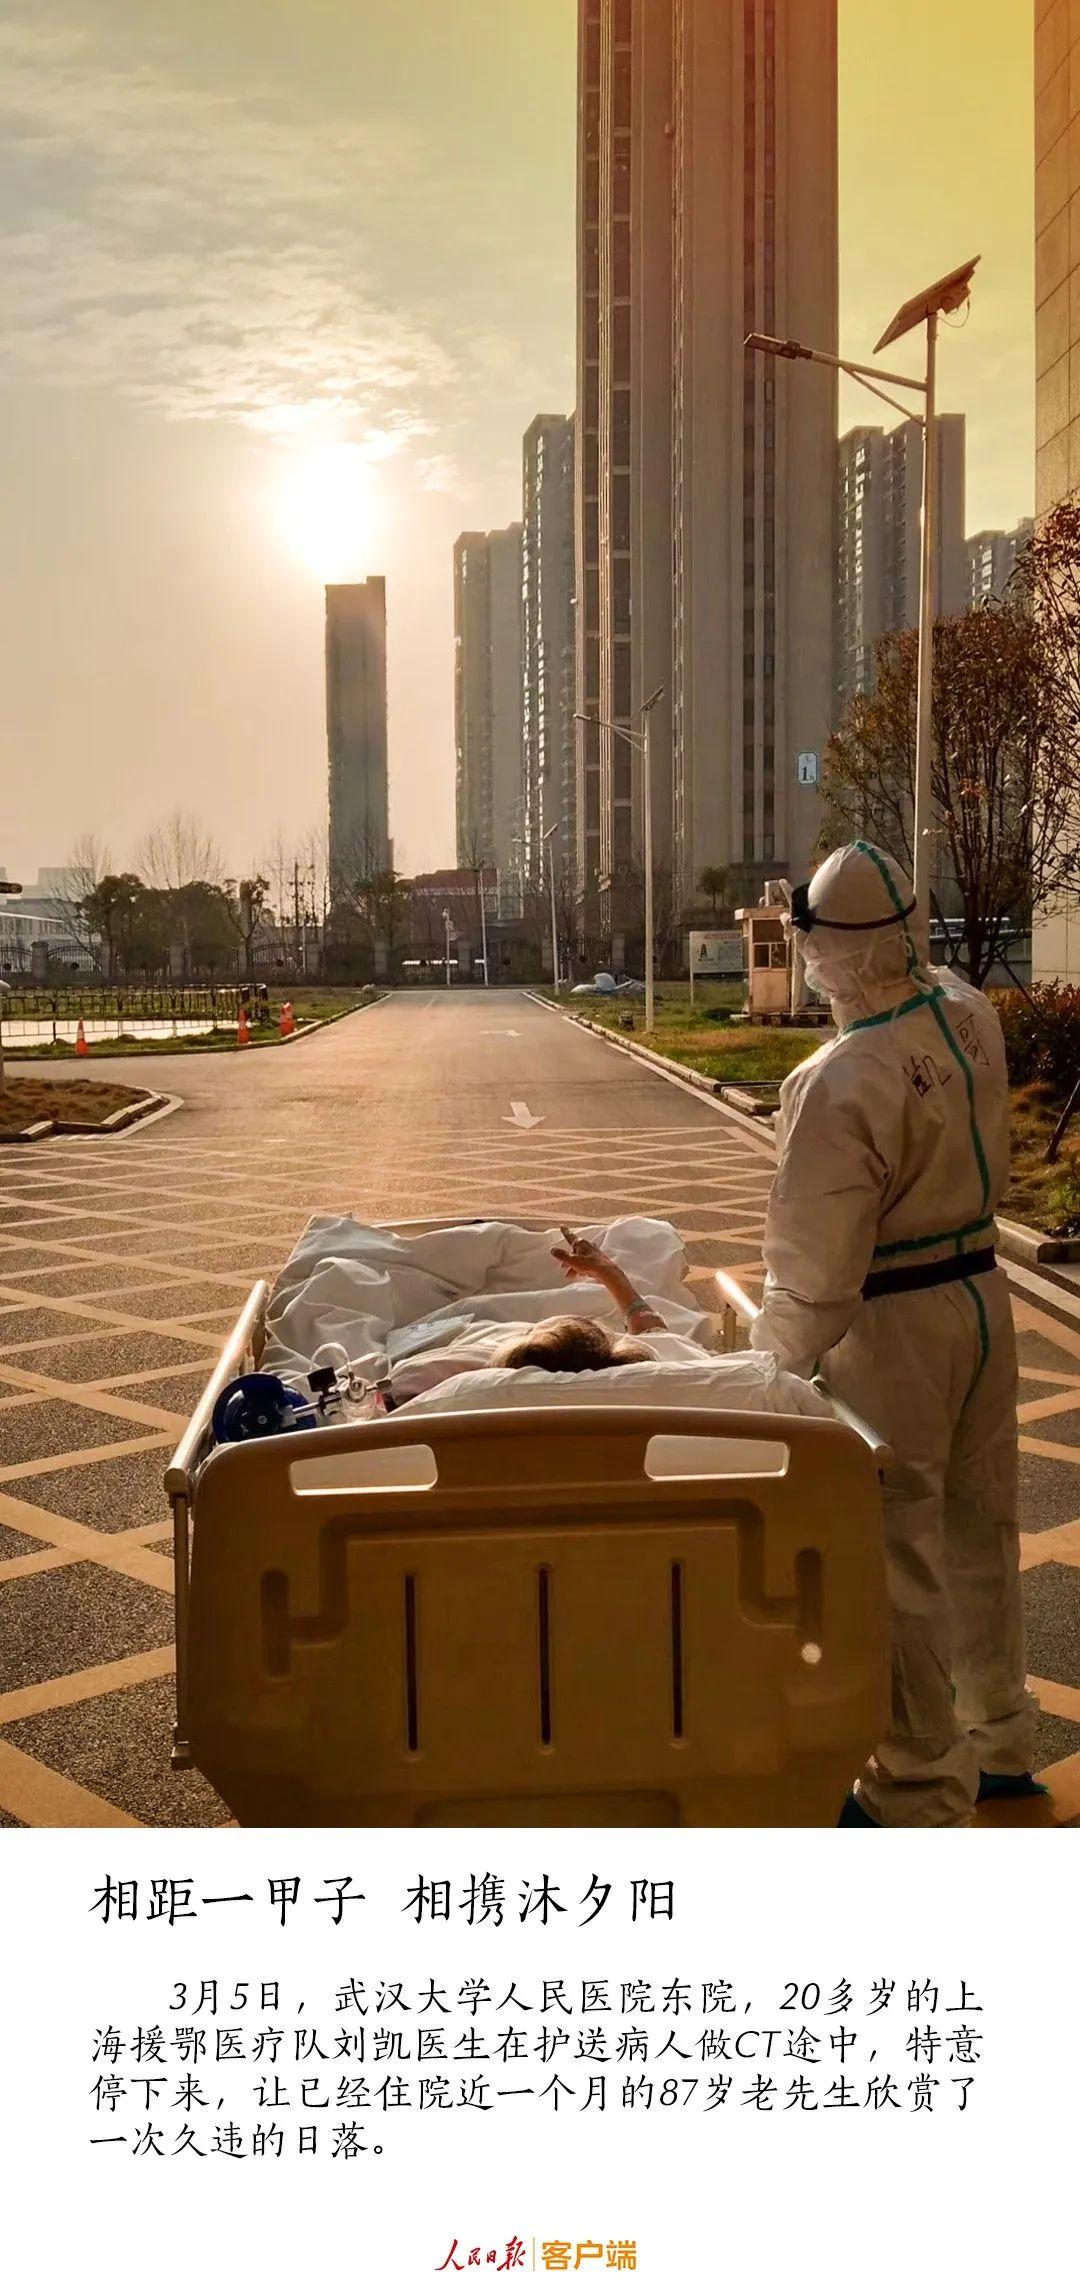 2020最治愈的瞬间!医生停下让87岁病人欣赏落日